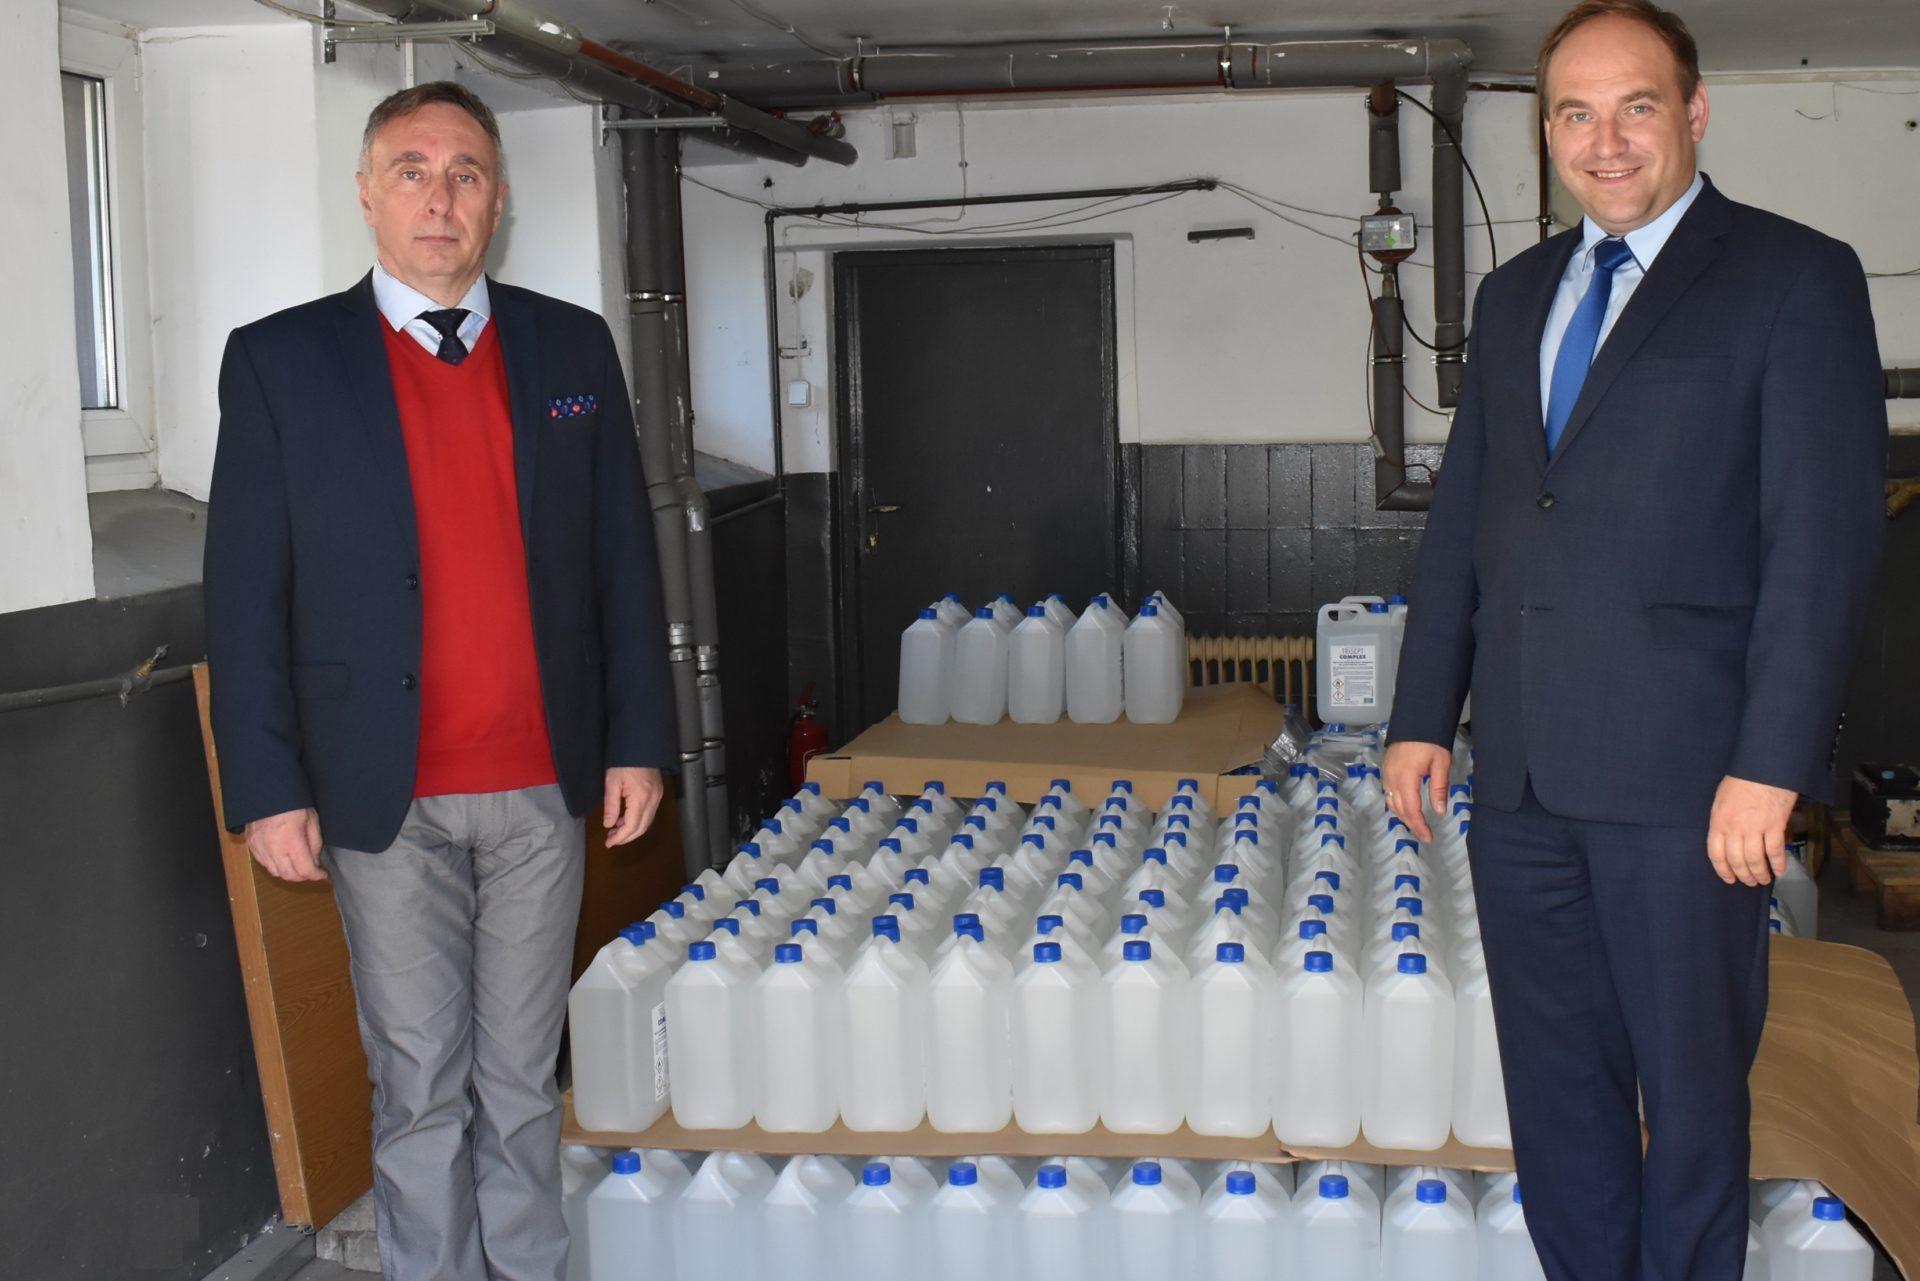 Starostwo Powiatowe dostarczyło gminom oraz instytucjom płyn do dezynfekcji powierzchni.